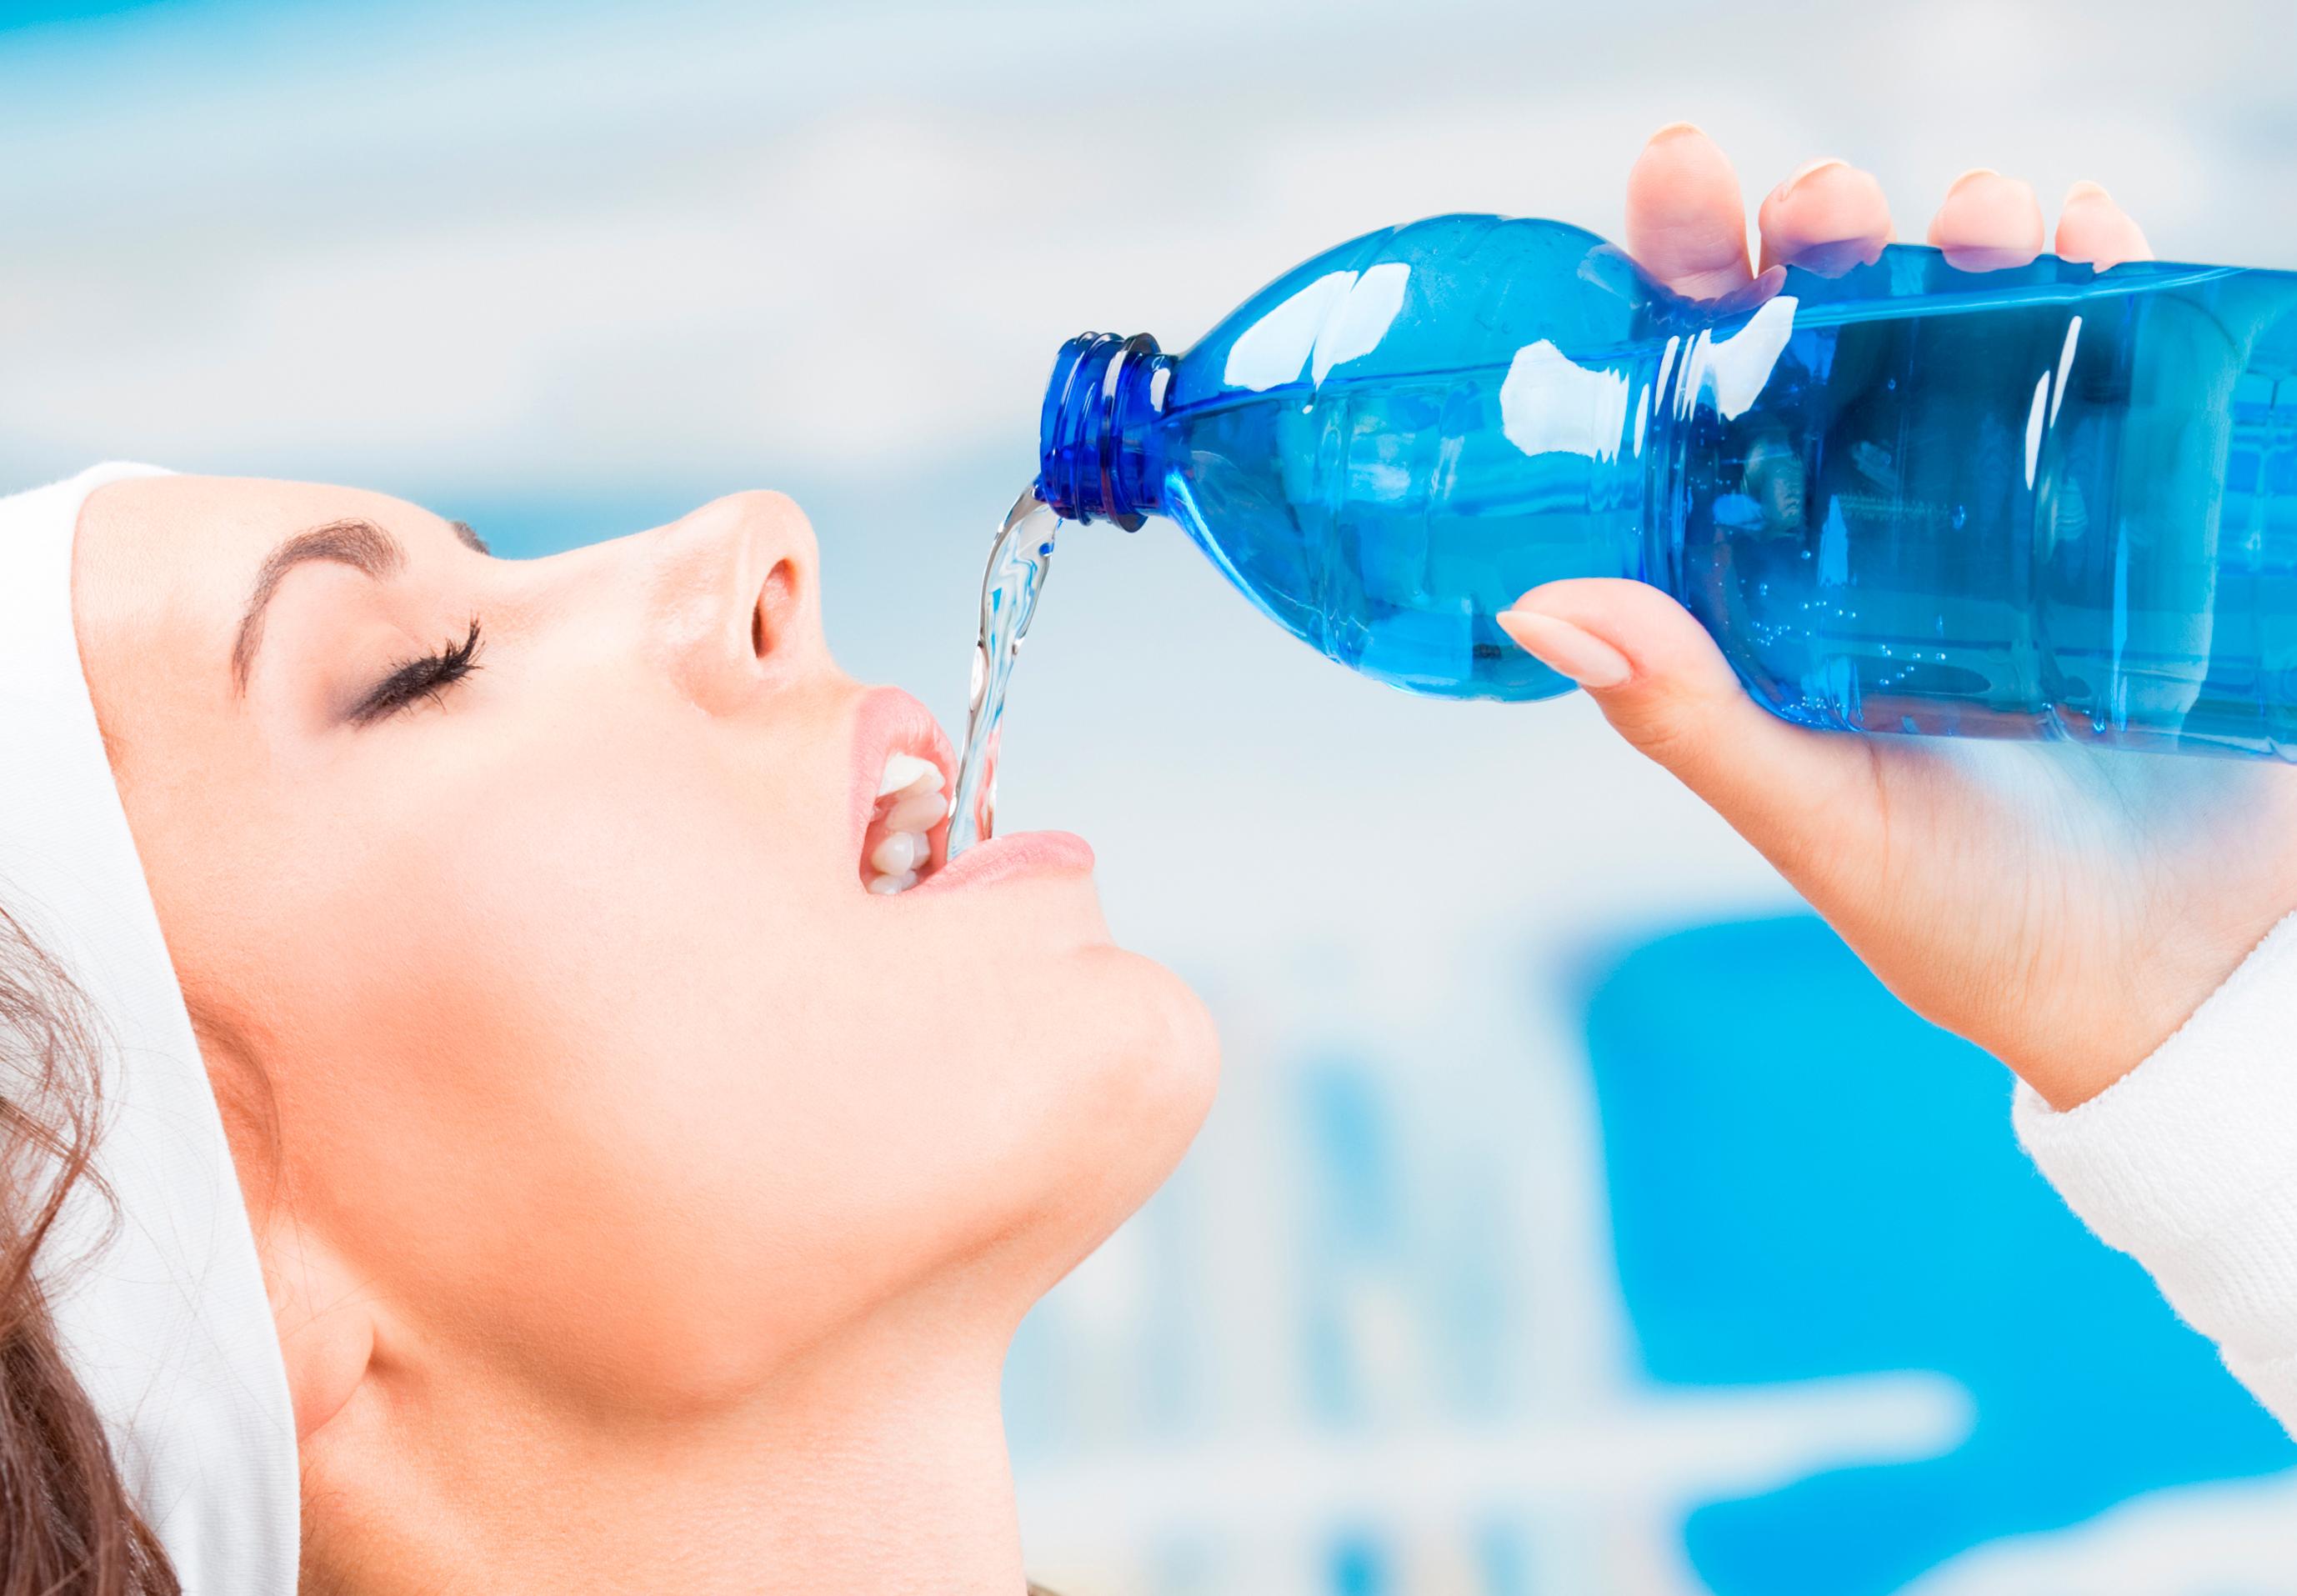 Вода Лечебная Для Похудения. Минеральная вода для похудения: обзор лучших брендов, классификация и варианты диет